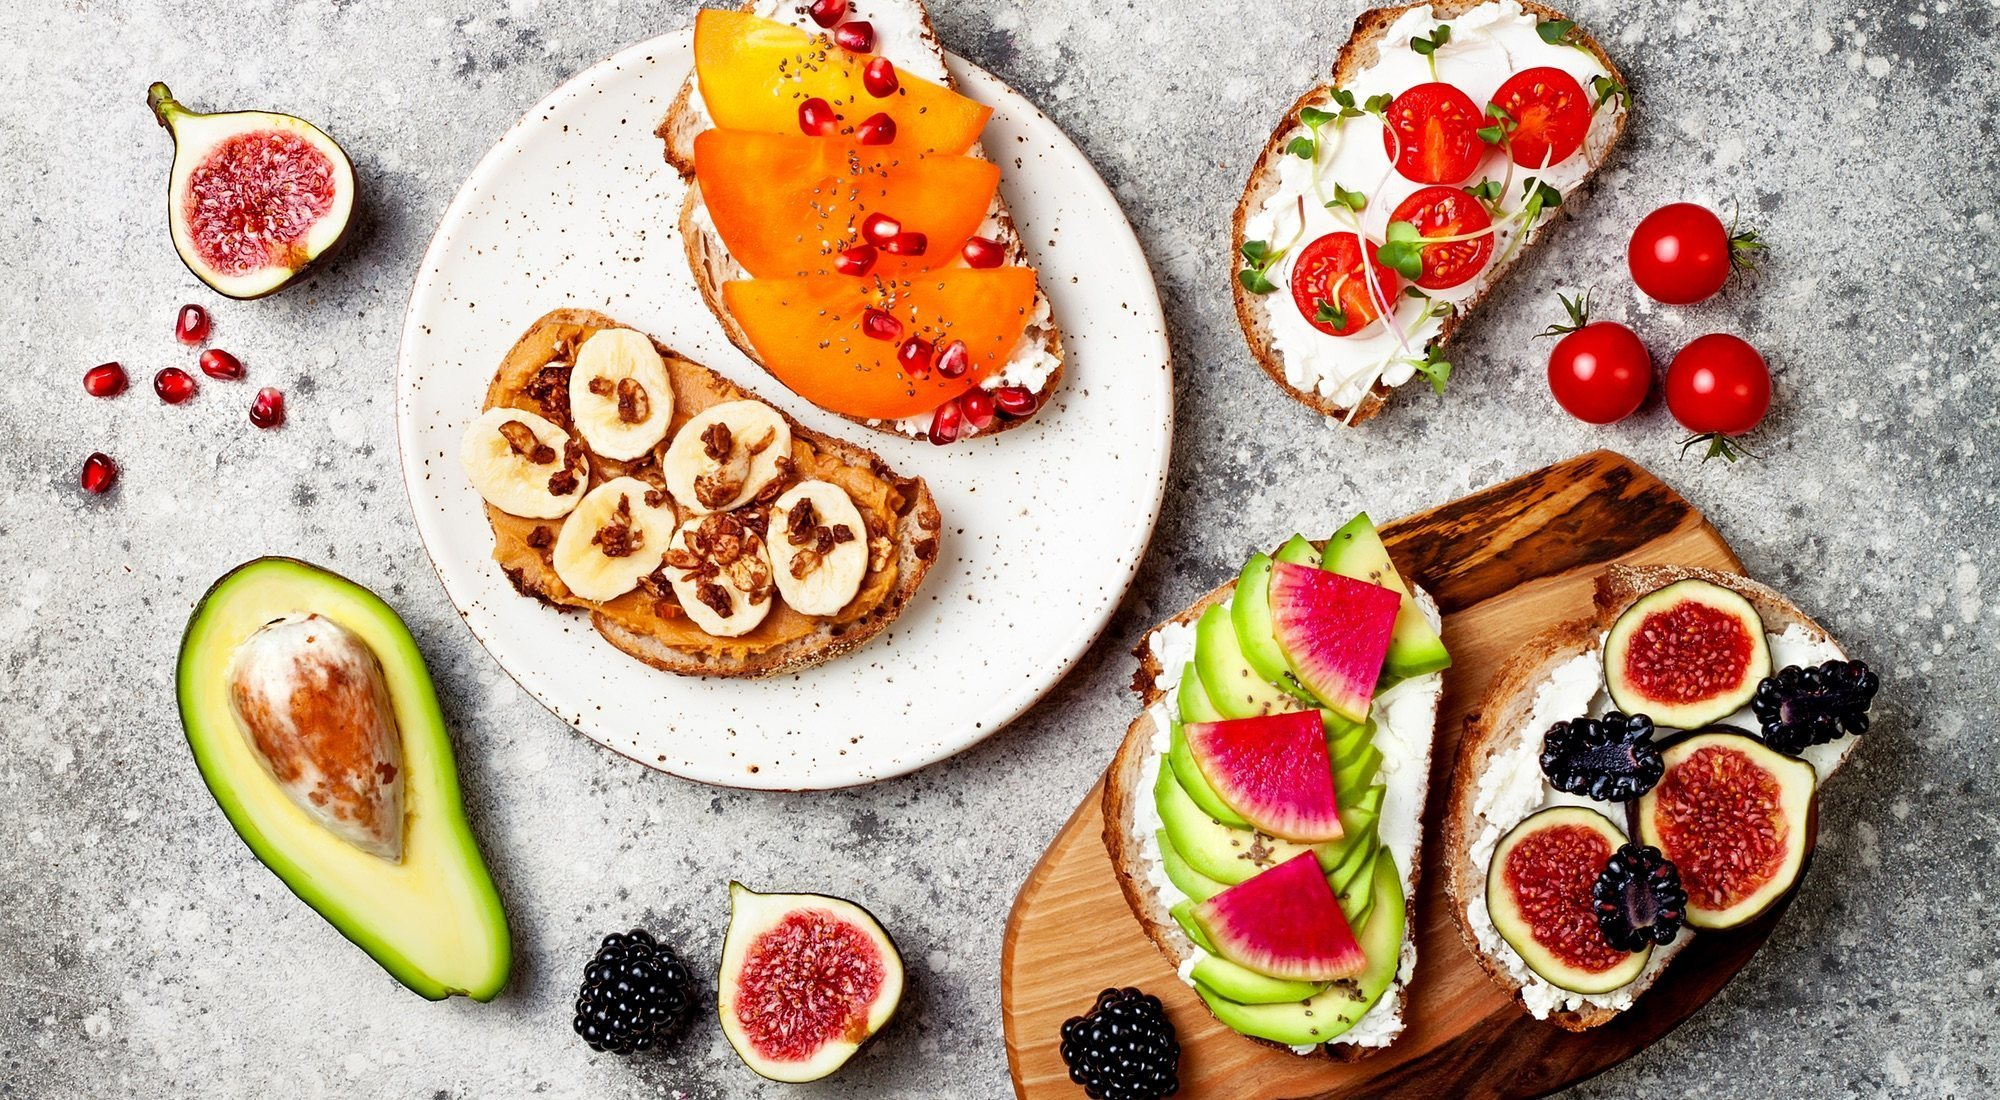 El secreto de mi dieta no es pasar hambre, sino comer más (y mejor)